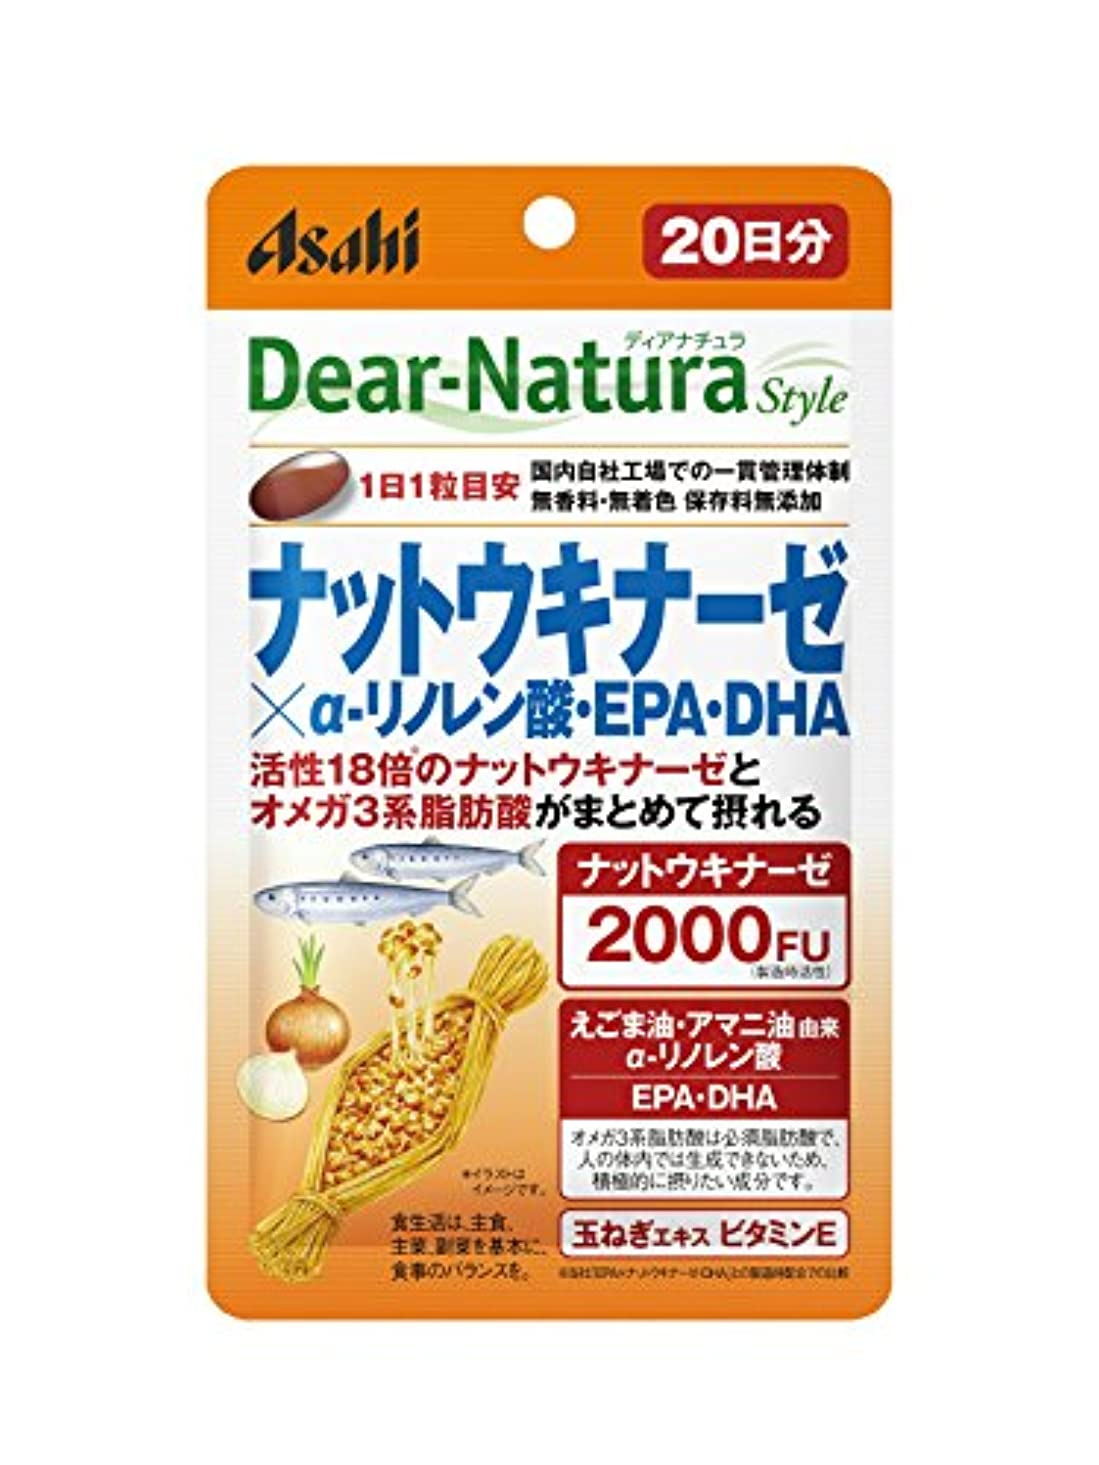 細断差し引くかろうじてディアナチュラスタイル ナットウキナーゼ×α-リノレン酸?EPA?DHA 20粒 (20日分)